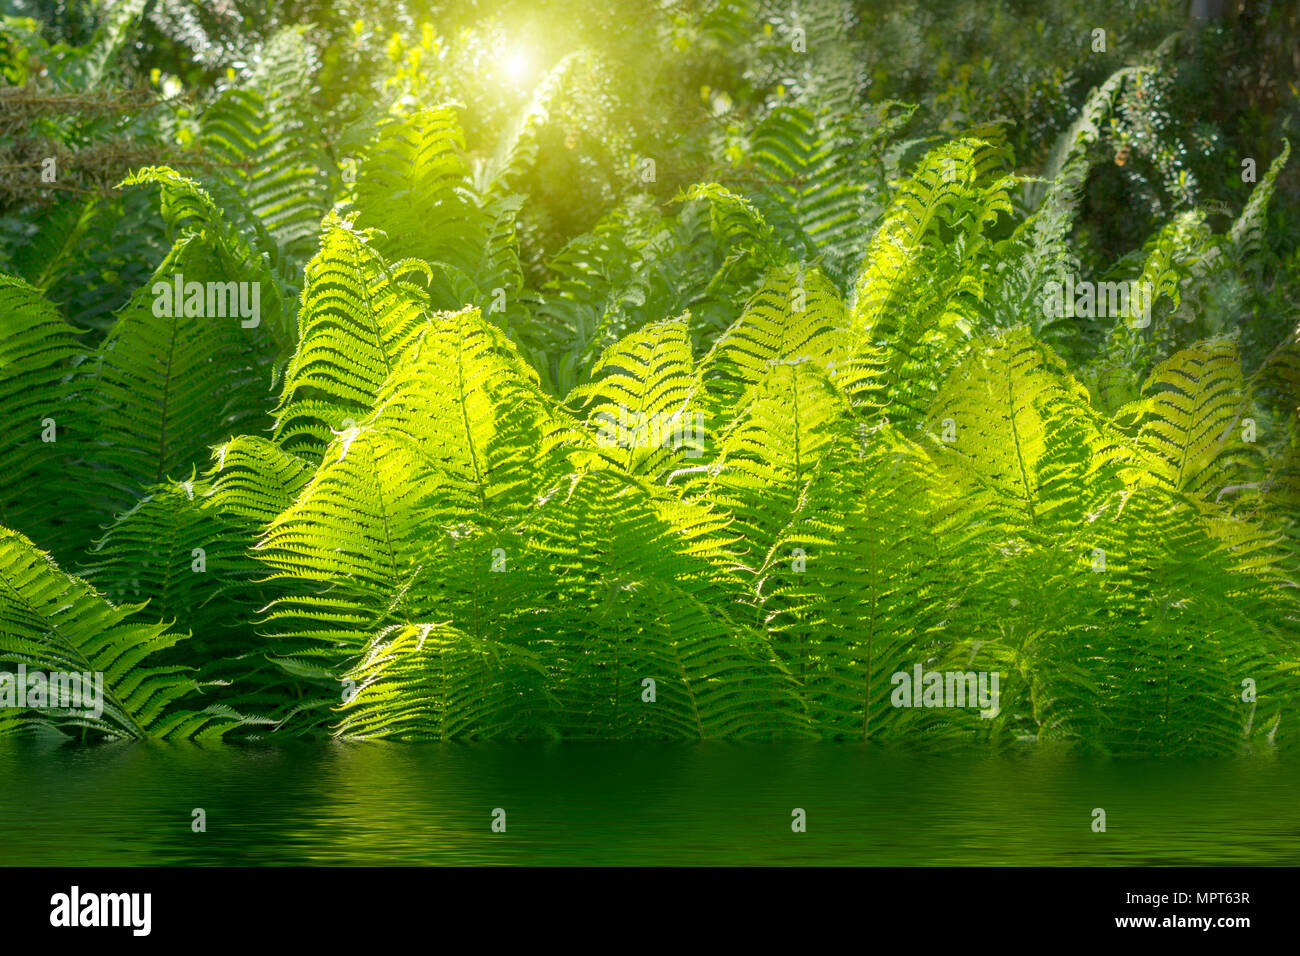 Schöne Farne mit grünem Laub grün blumen Farn Hintergrund im Sonnenlicht Stockbild